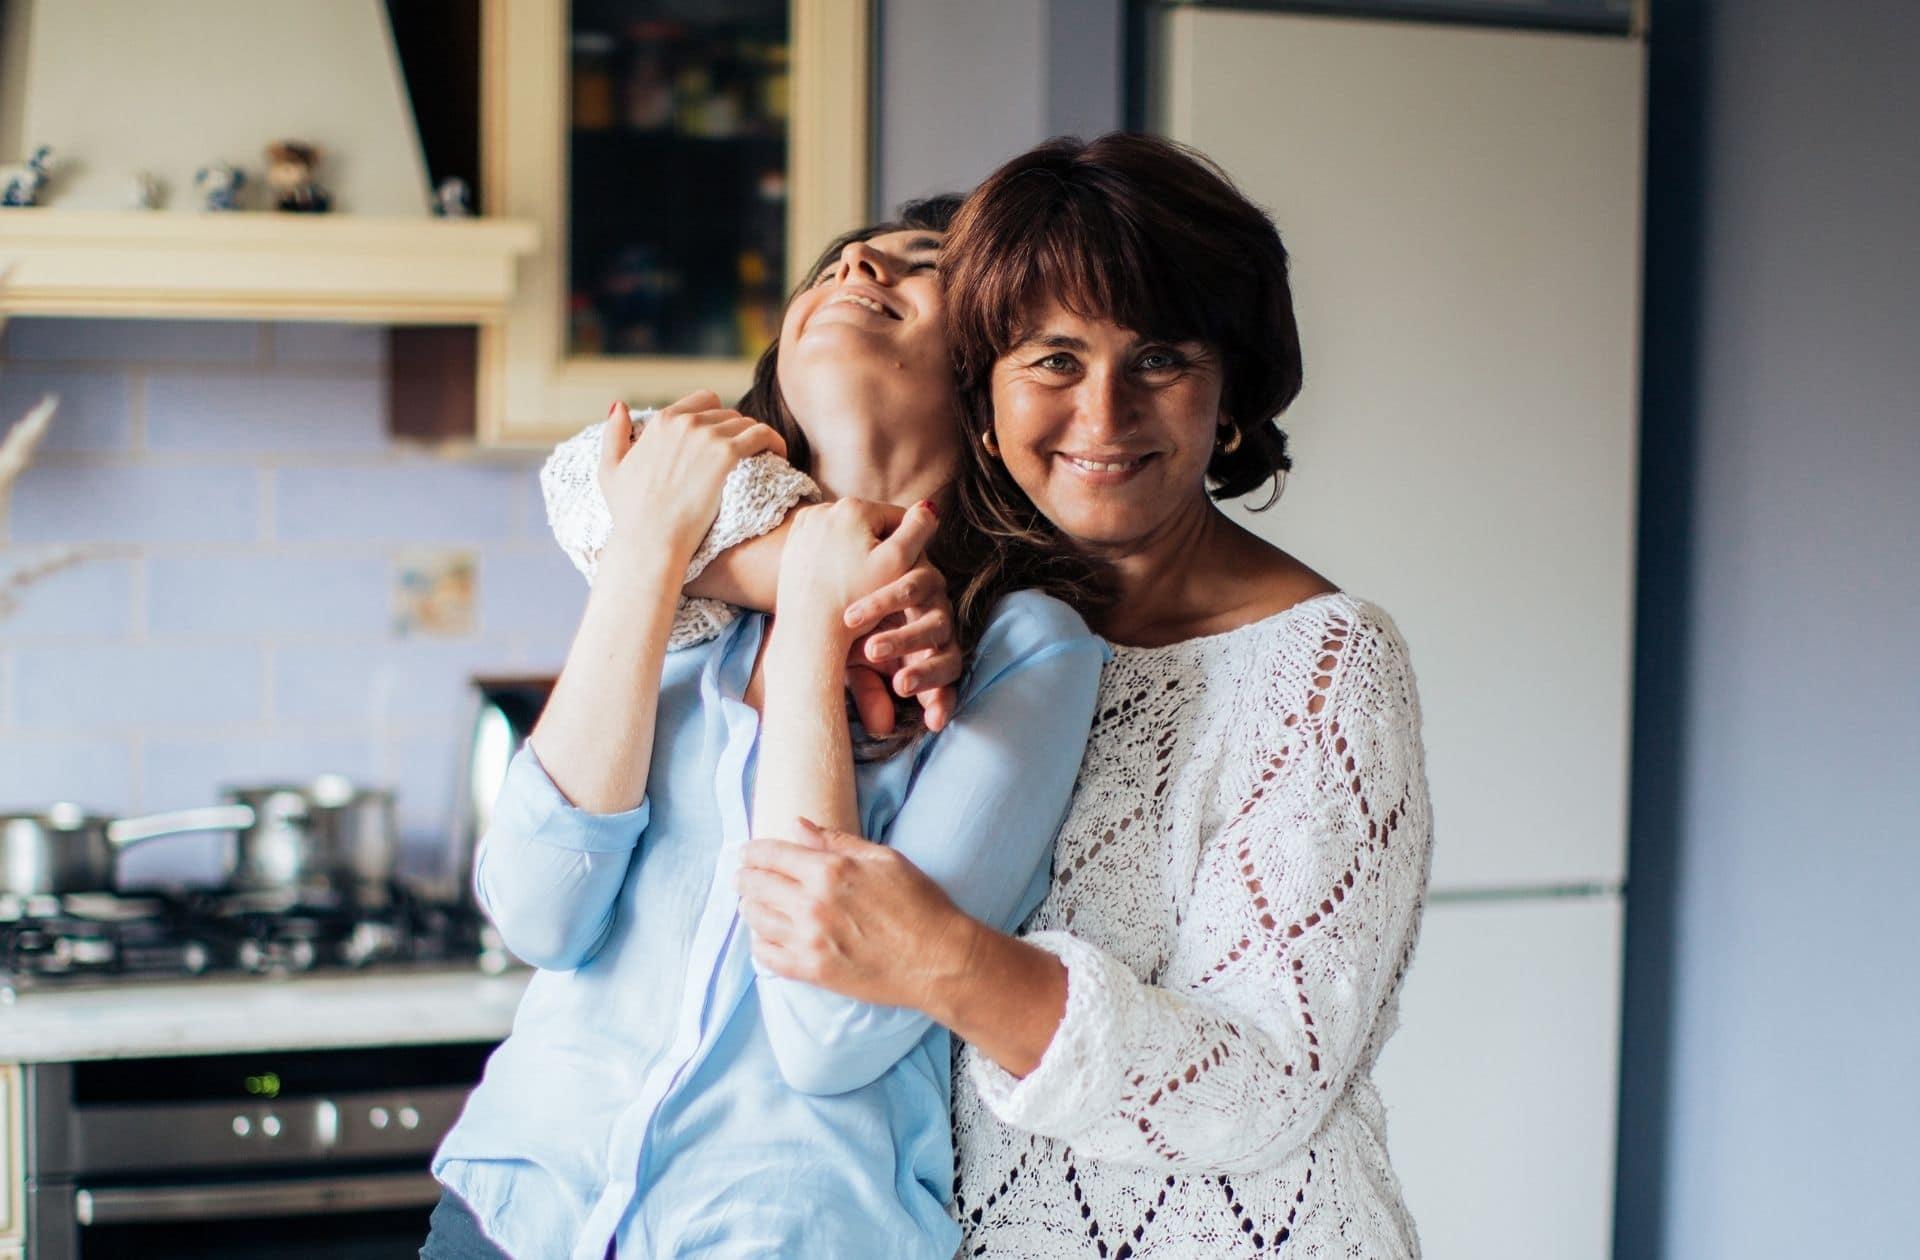 Des mamans misogynes aux daronnes engagées, vos mères comprennent-elles votre féminisme ?